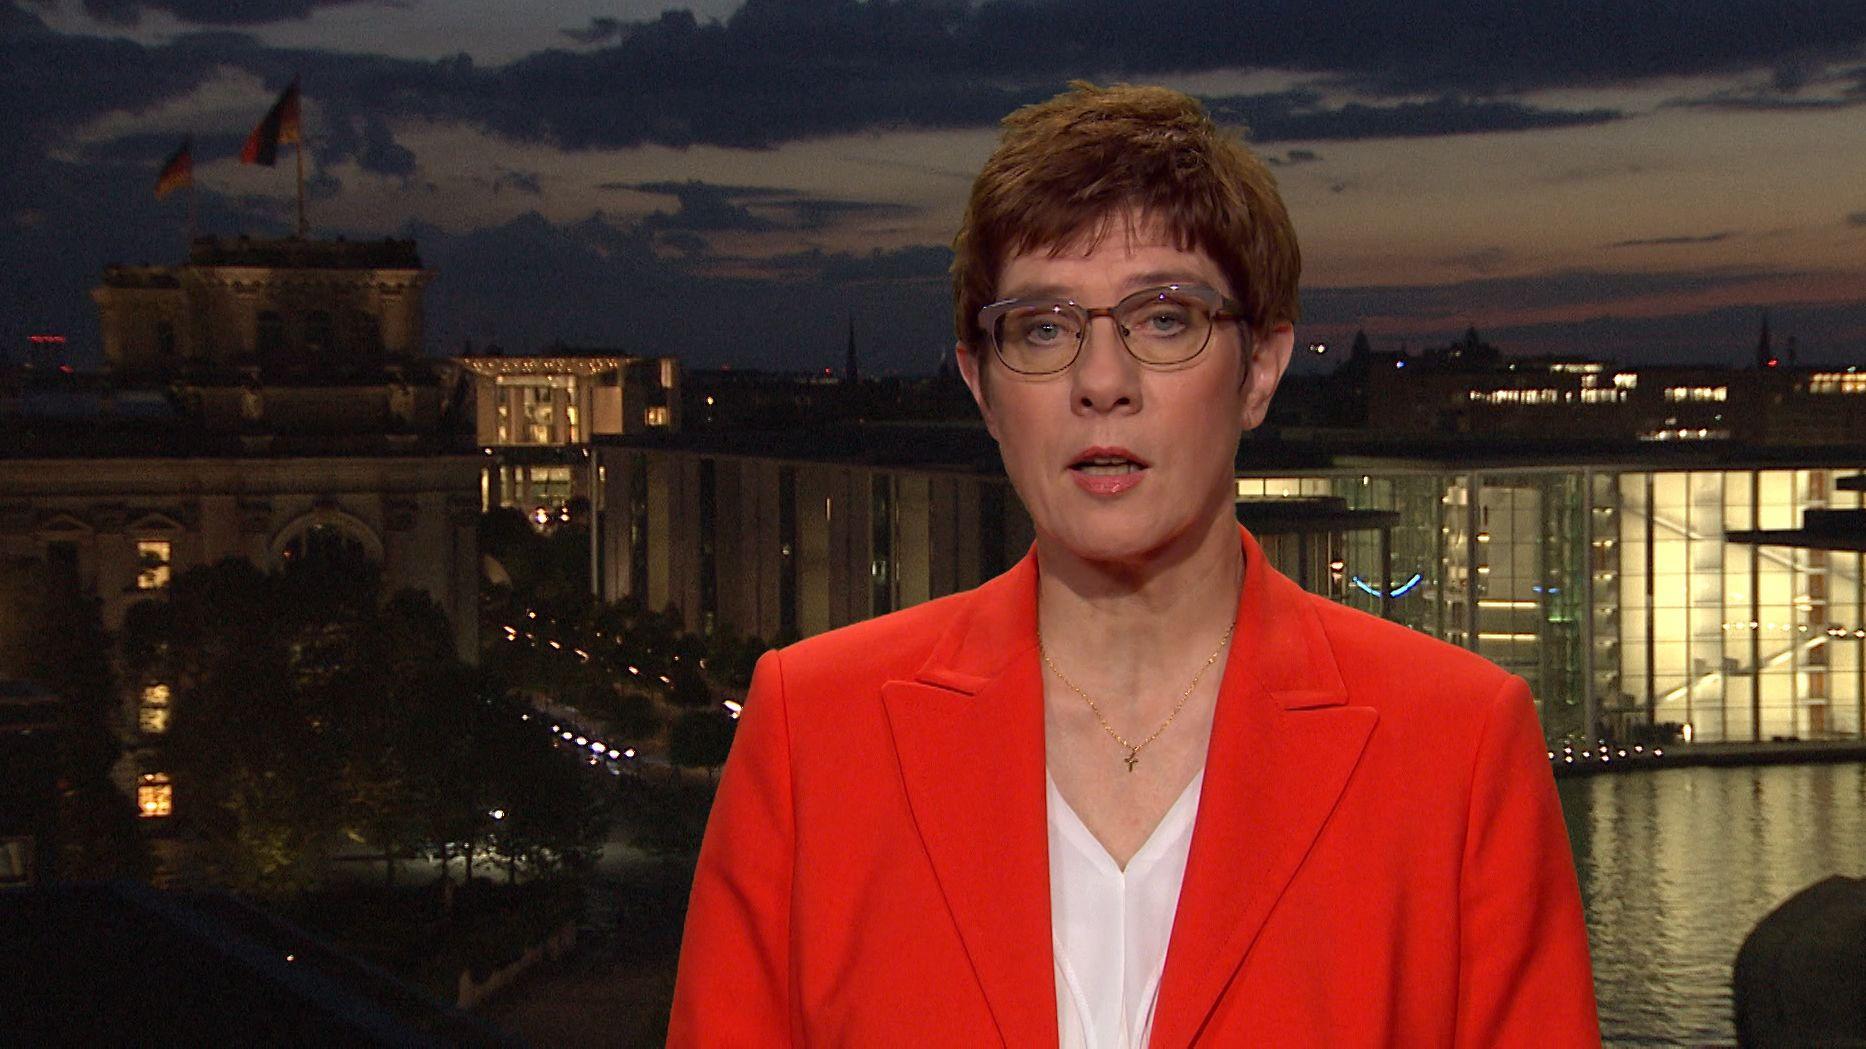 Verteidigungsministerin Kramp-Karrenbauer fordert in einem Interview mit den tagesthemen eine international kontrollierte Sicherheitszone in Nordsyrien. Europa könne angesichts der Krise nicht mehr Zaungast sein, sagte sie